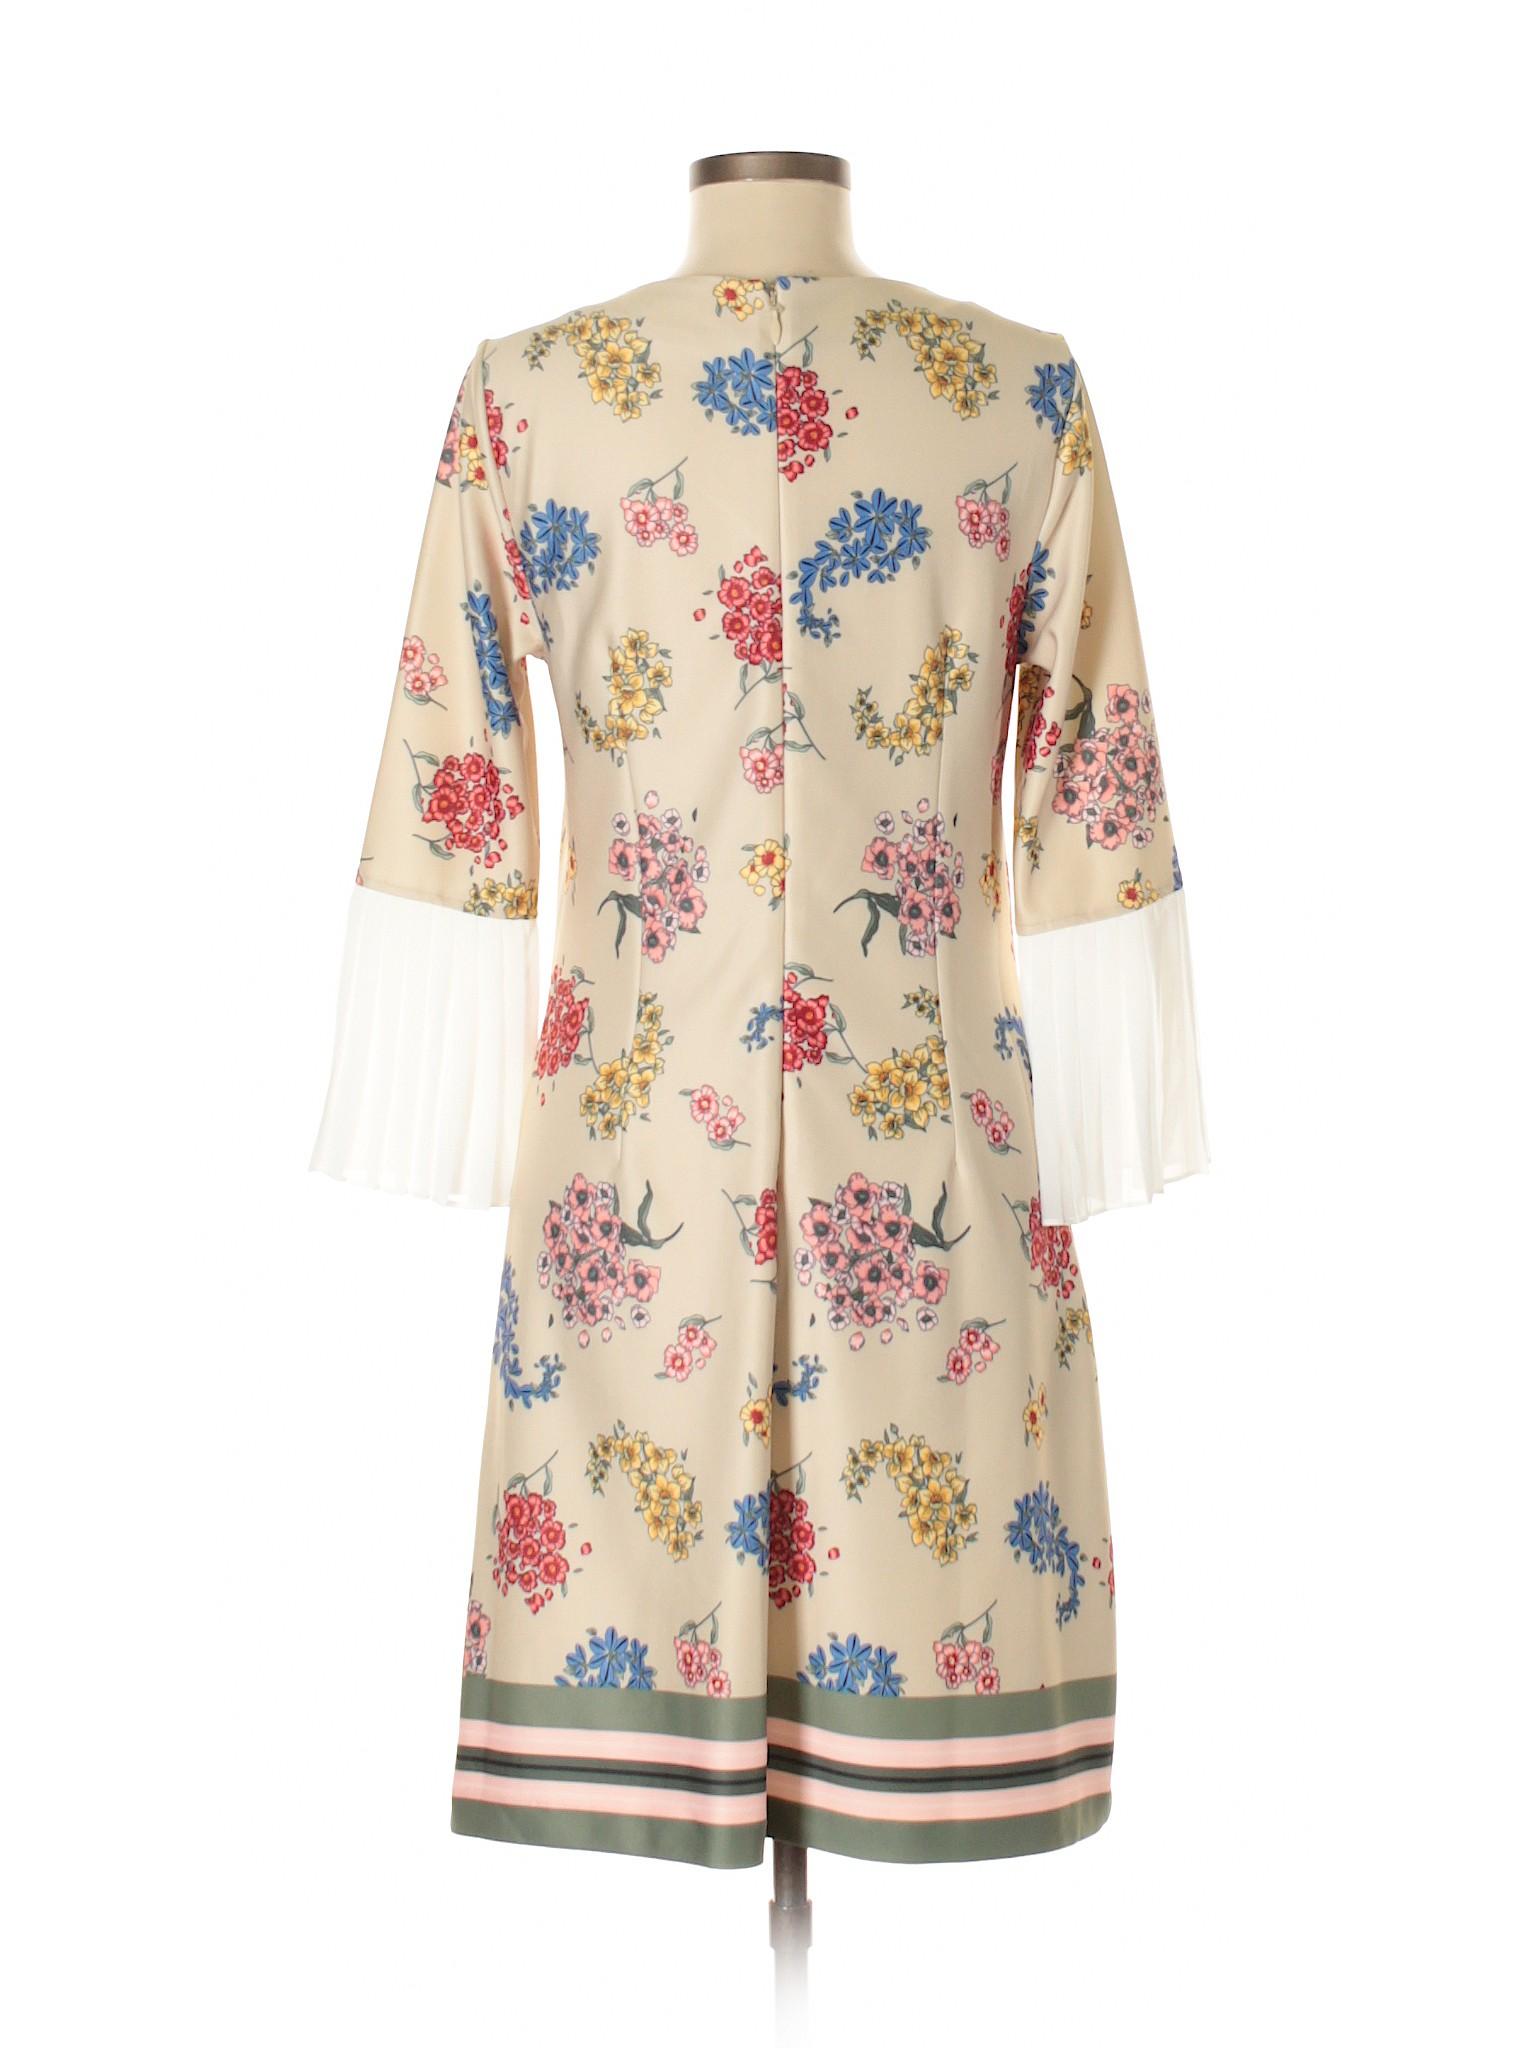 Company winter Casual New Boutique Dress Studio York 7th Avenue amp; Design 8zdxA6qd